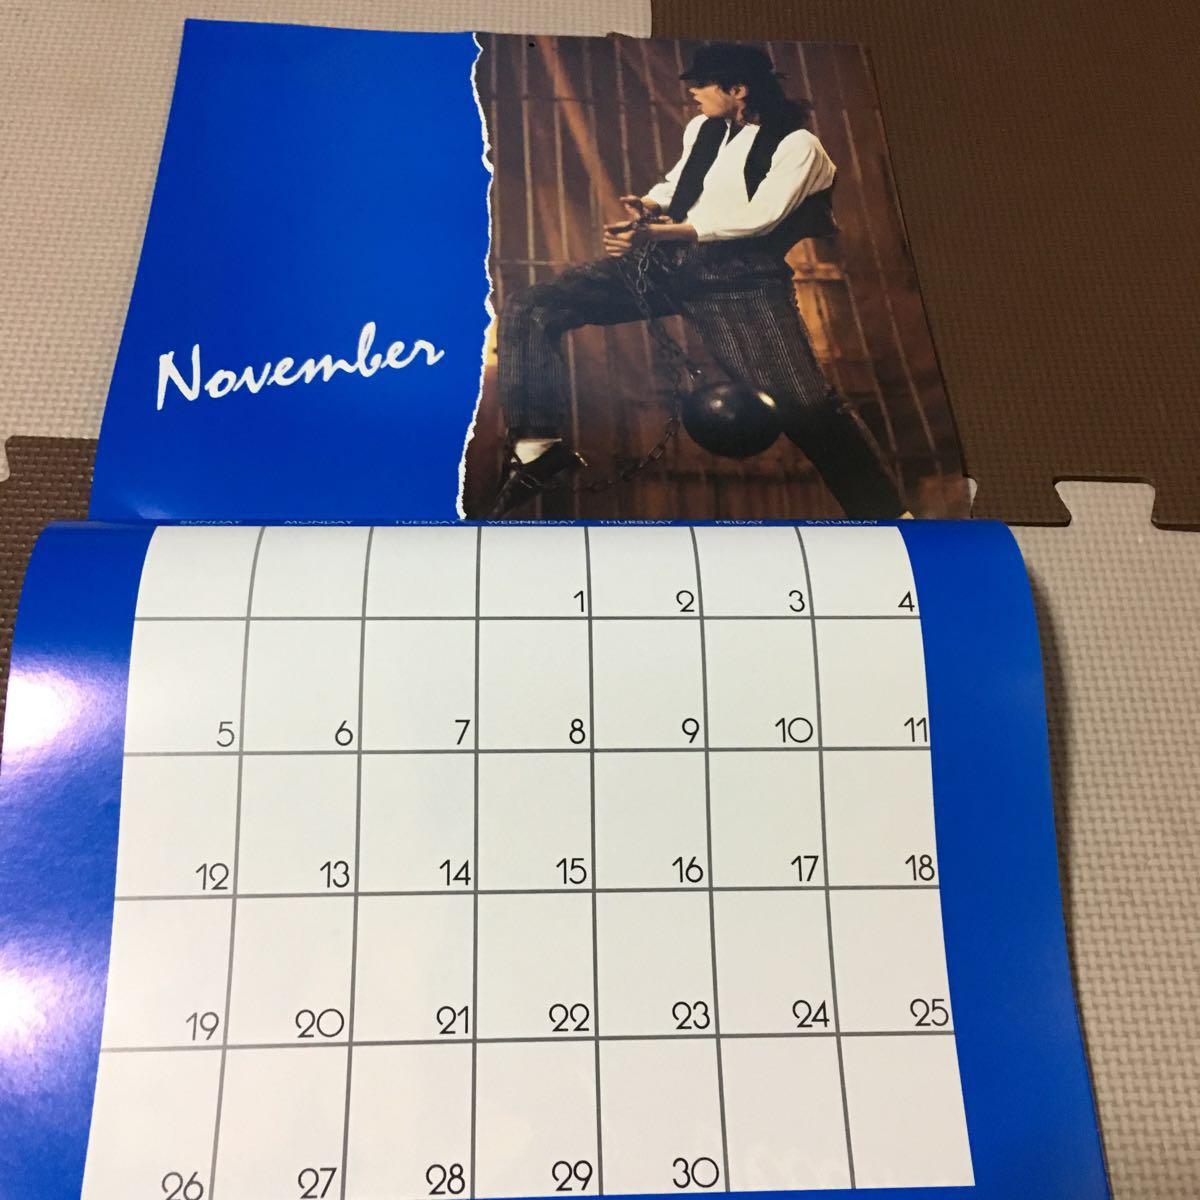 マイケルジャクソン カレンダー ムーンウォーカー 1989年(輸入版)_画像7